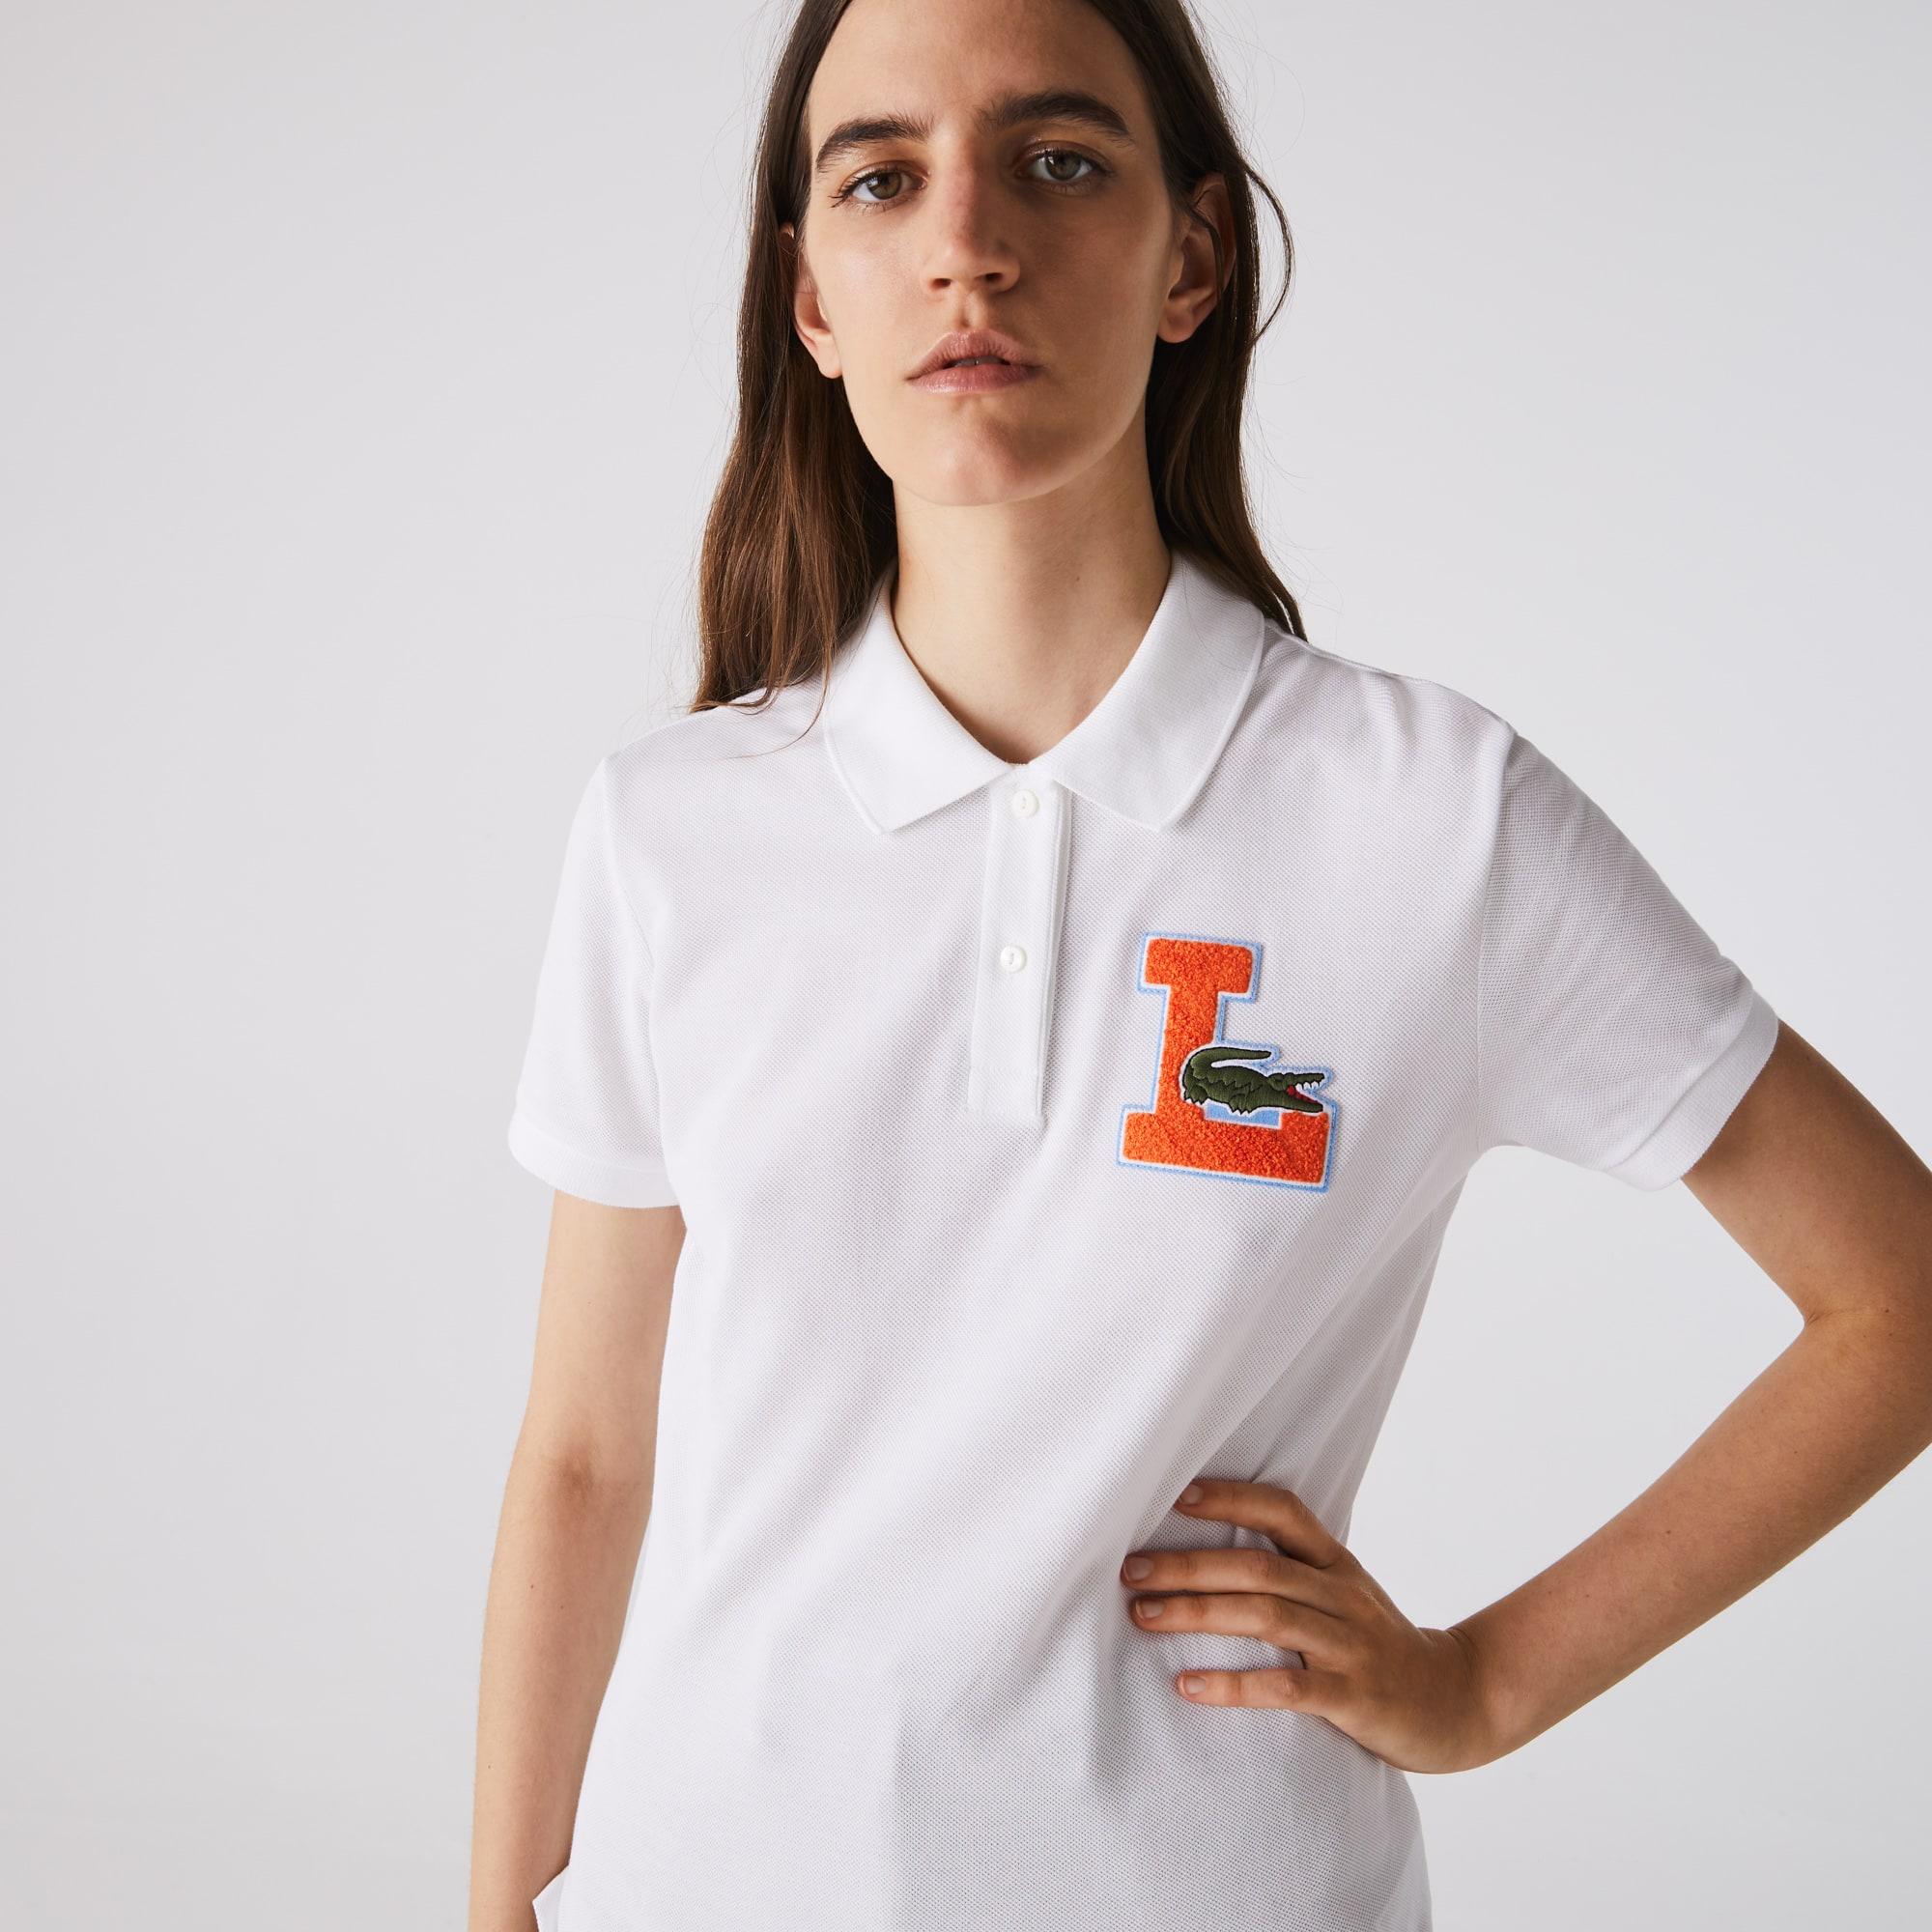 Lacoste Women's Regular Fit Soft Cotton Pique Polo Shirt